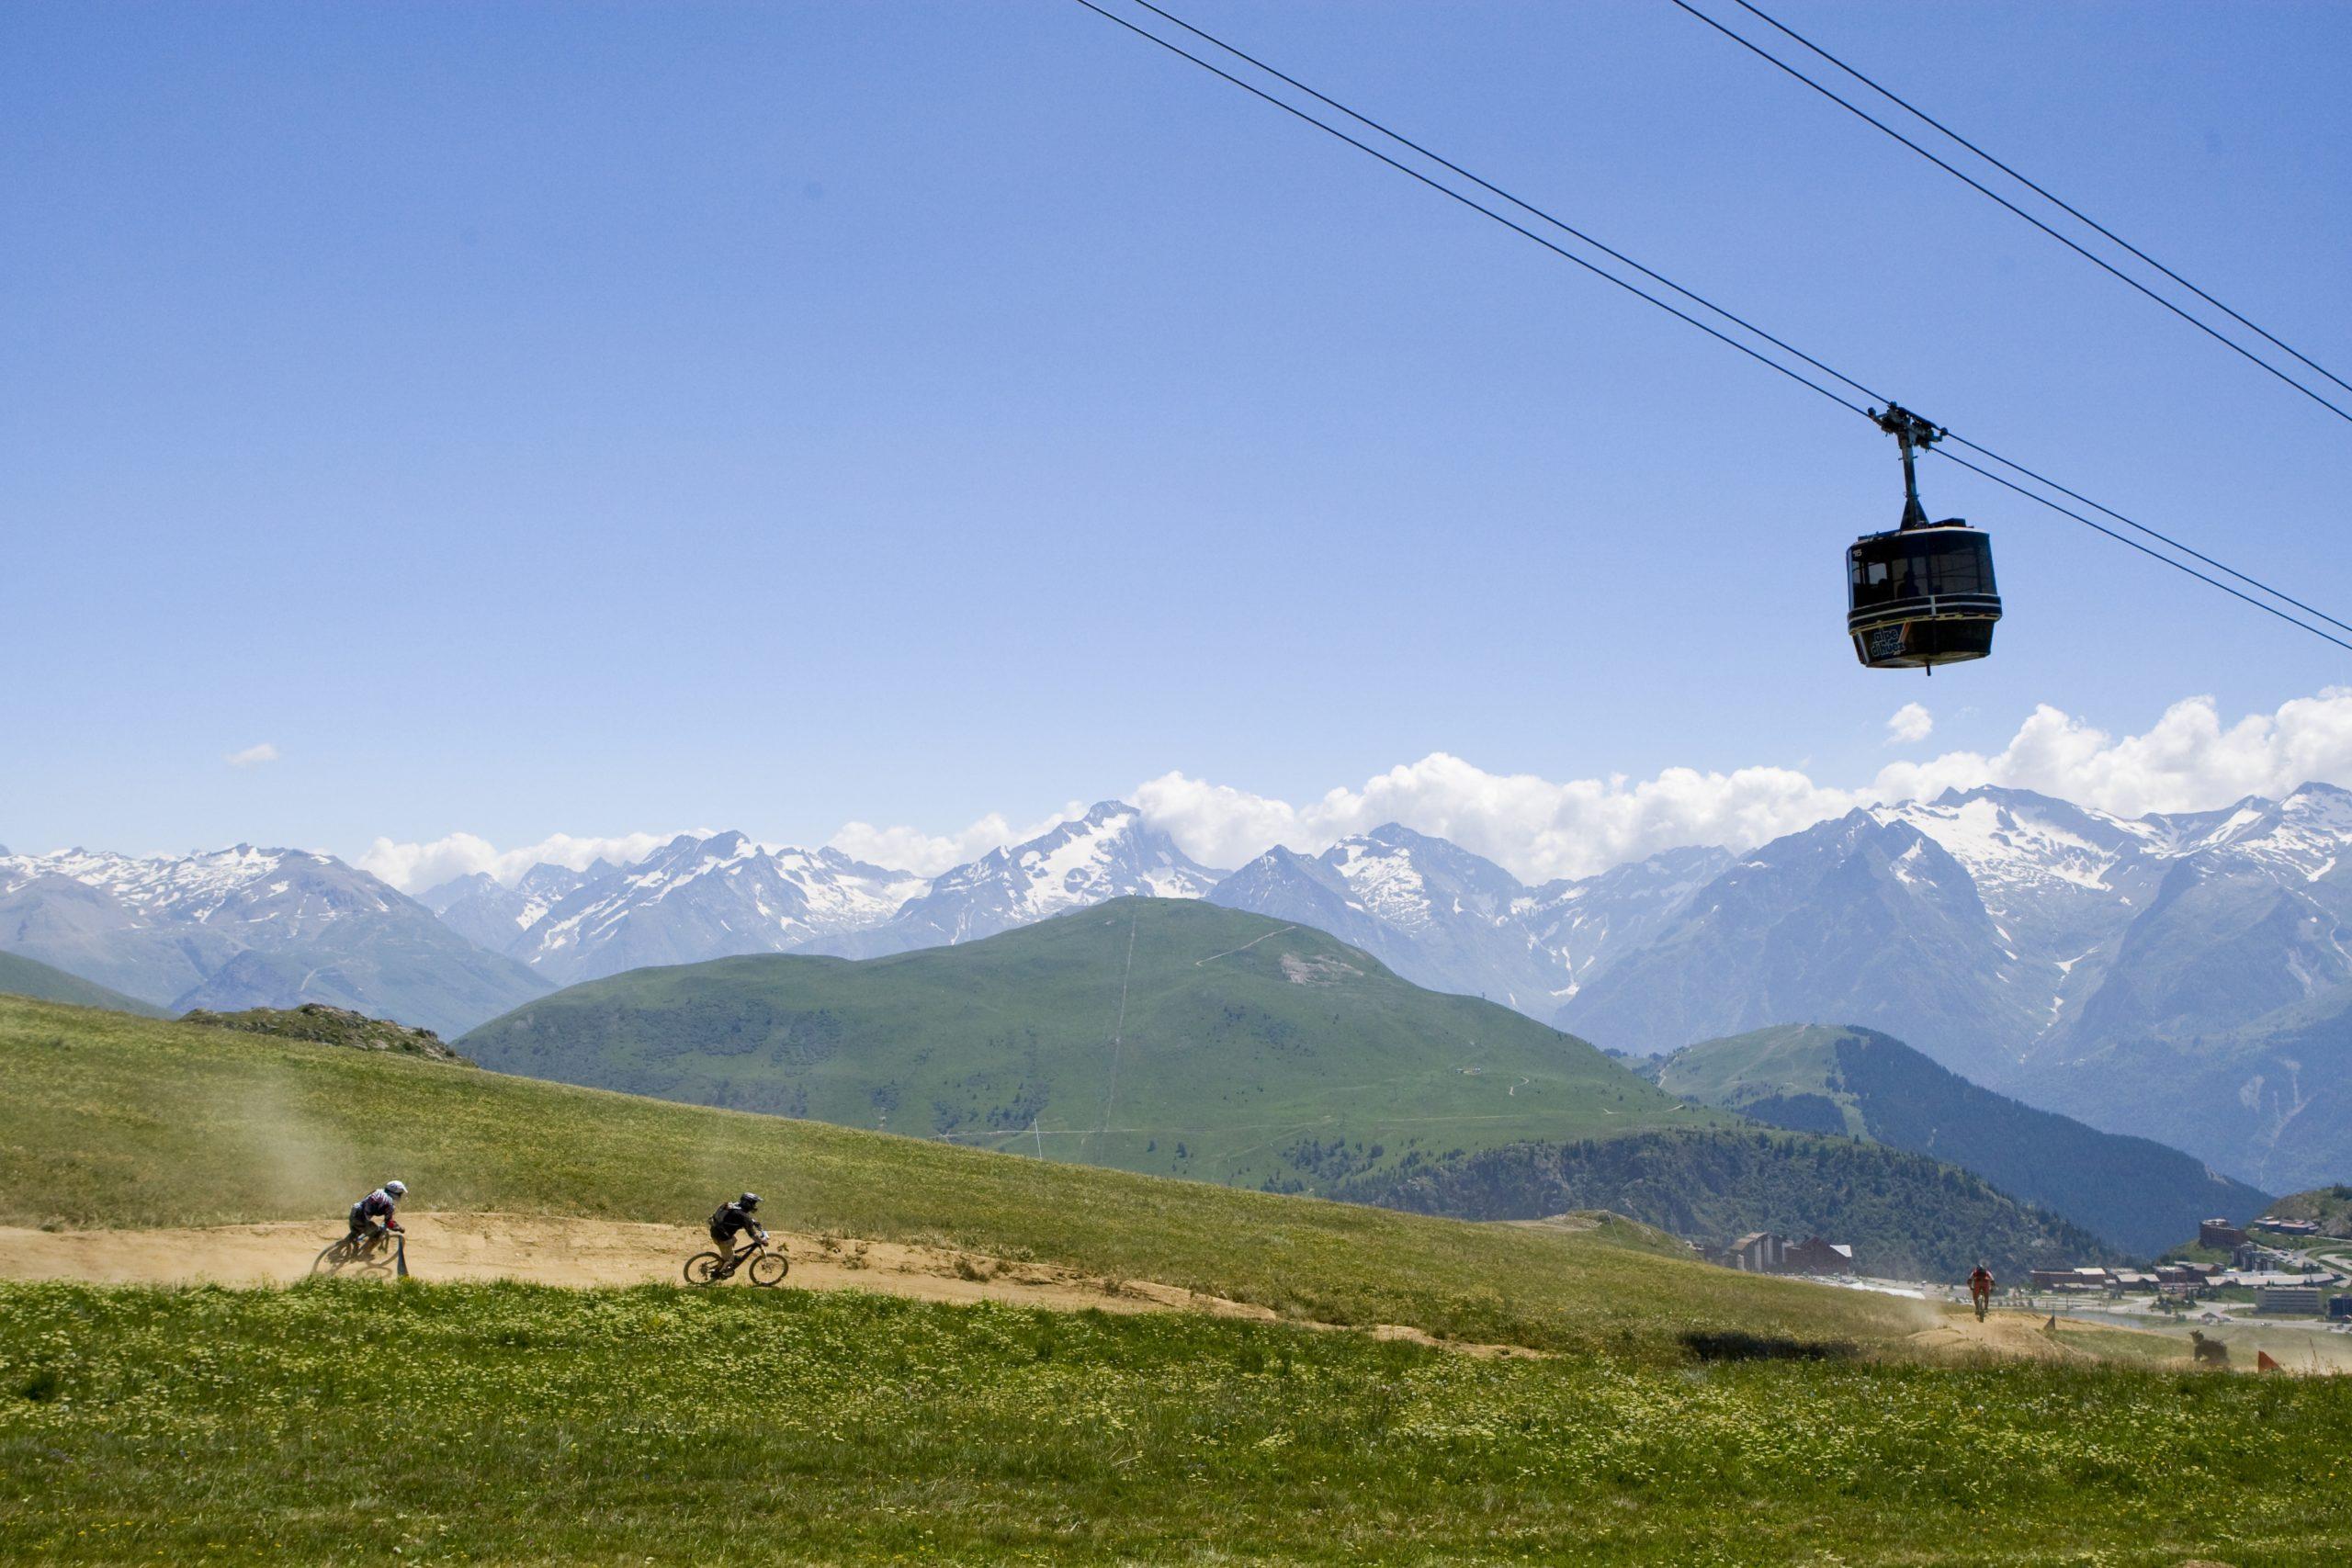 Alpe d'Huez Grand Domaine VTT